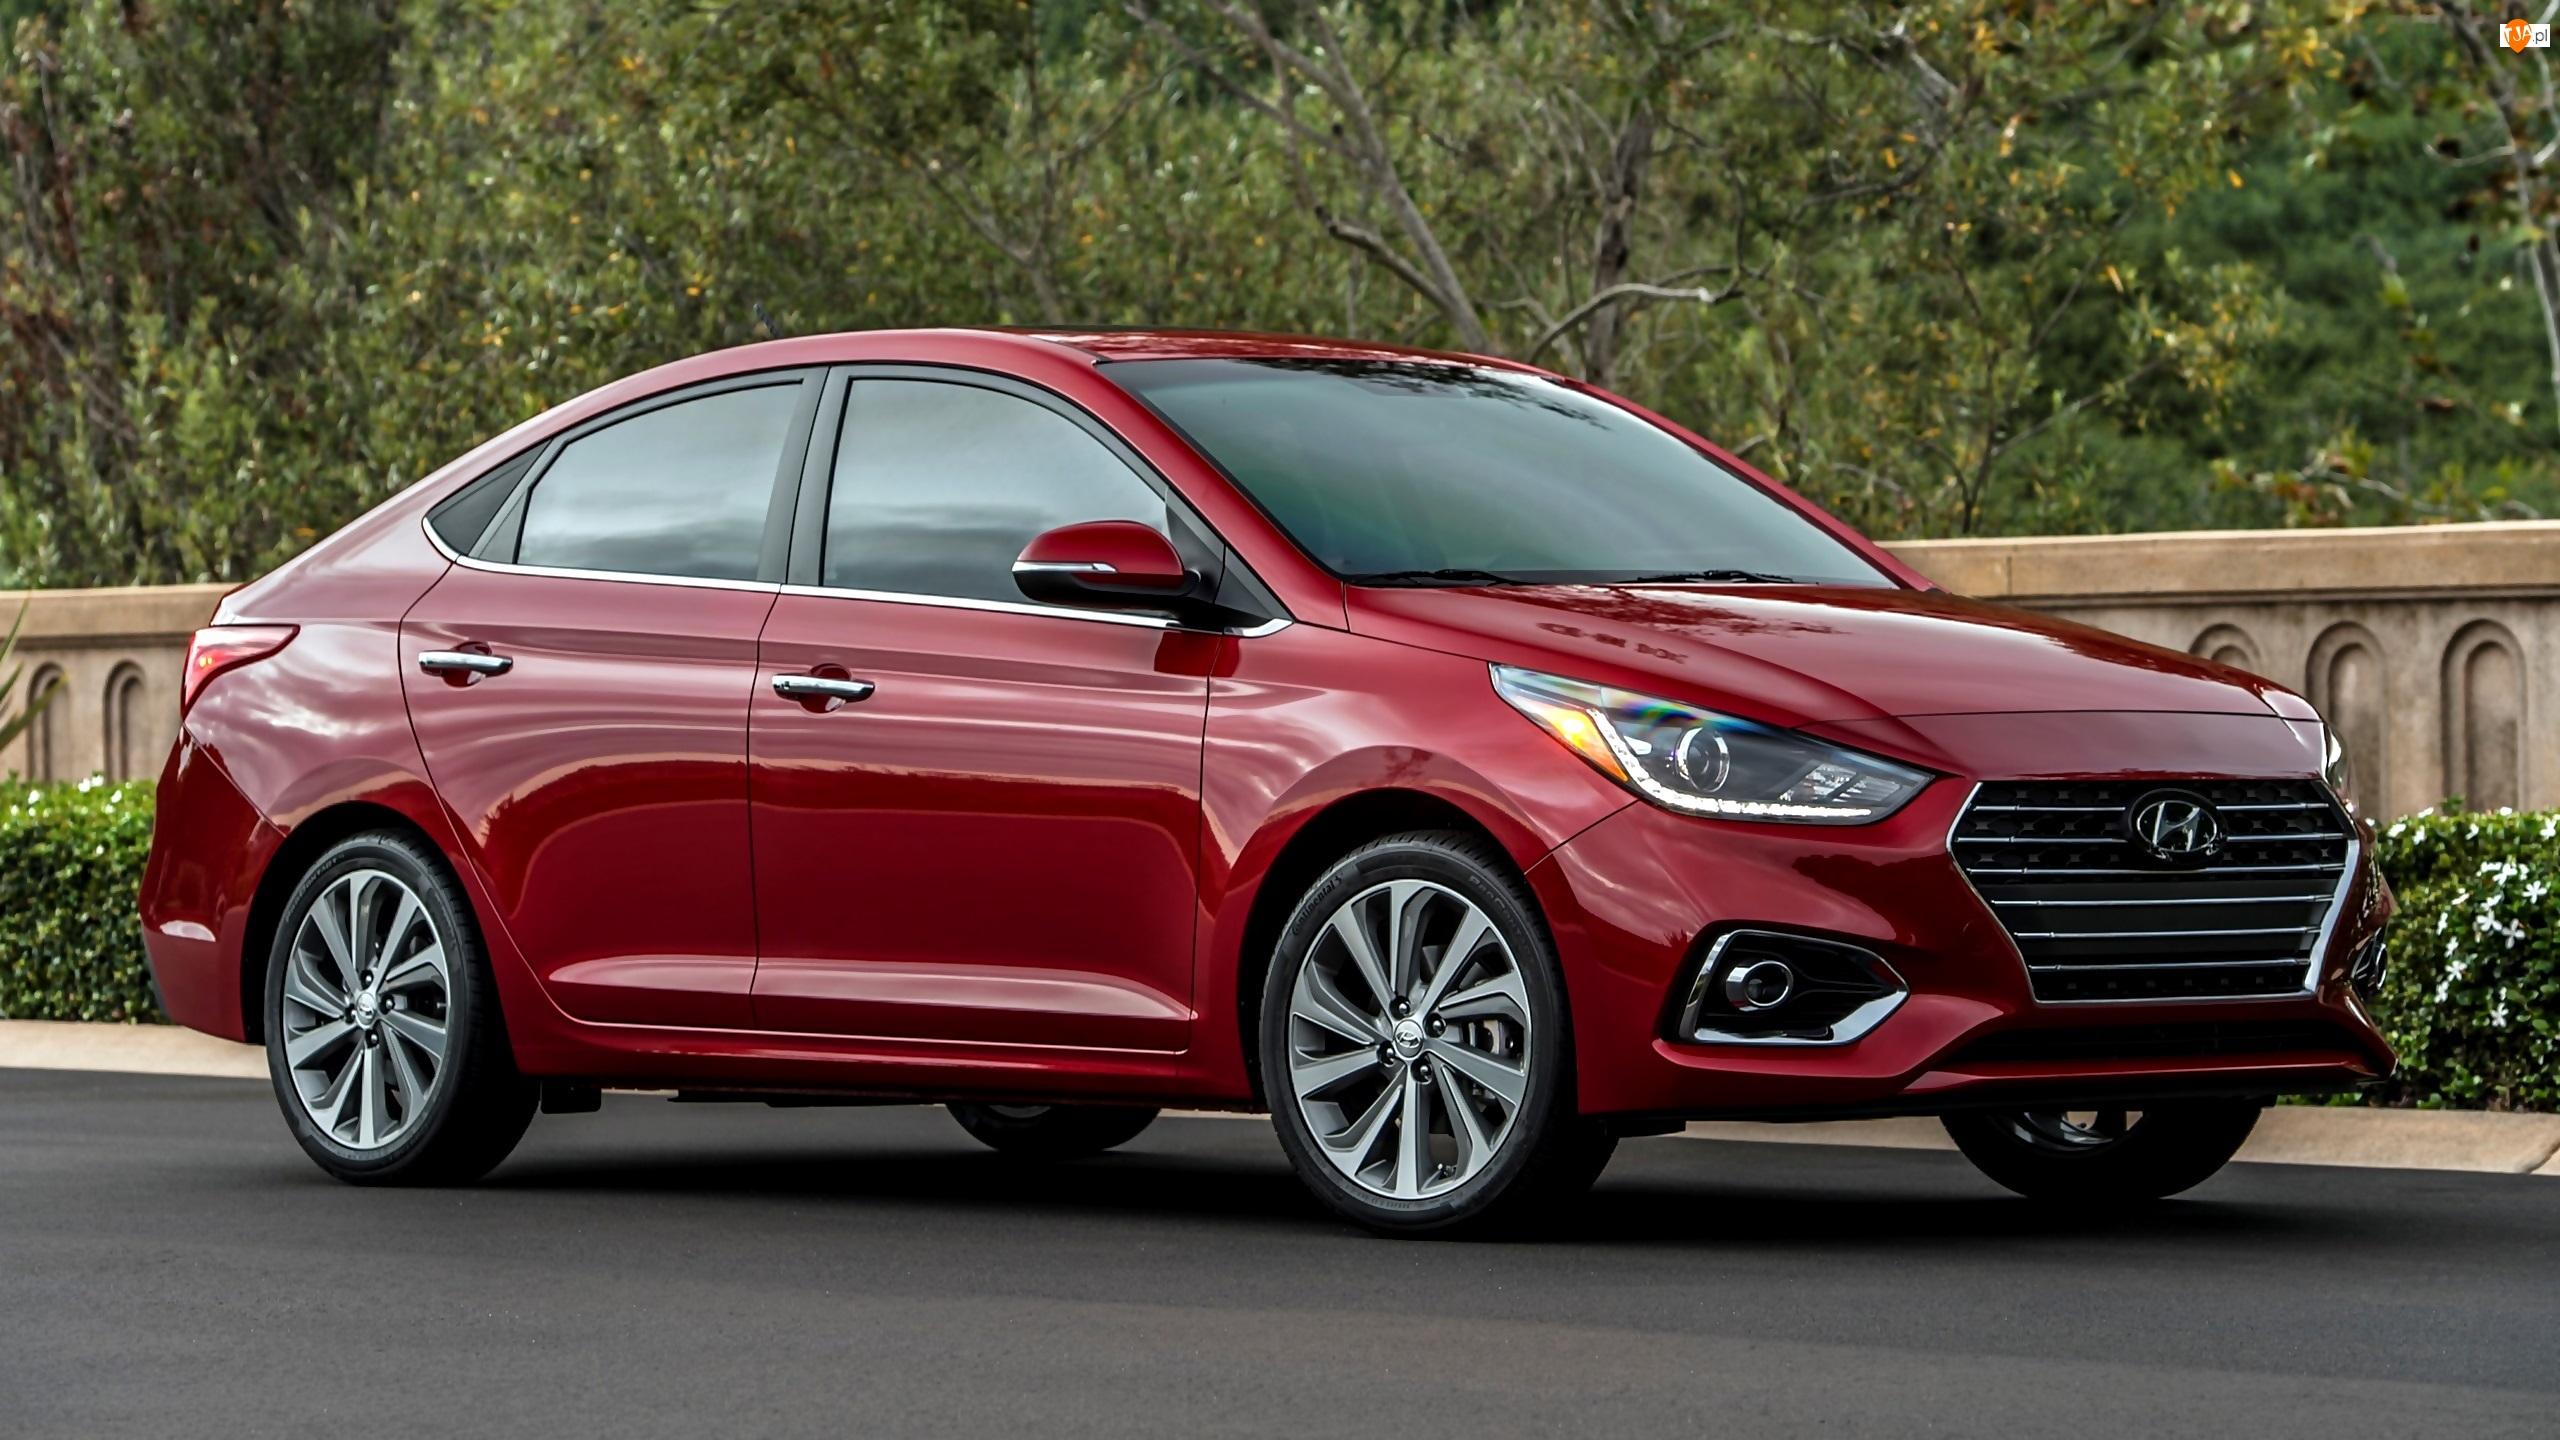 2018, Czerwony, Hyundai Accent